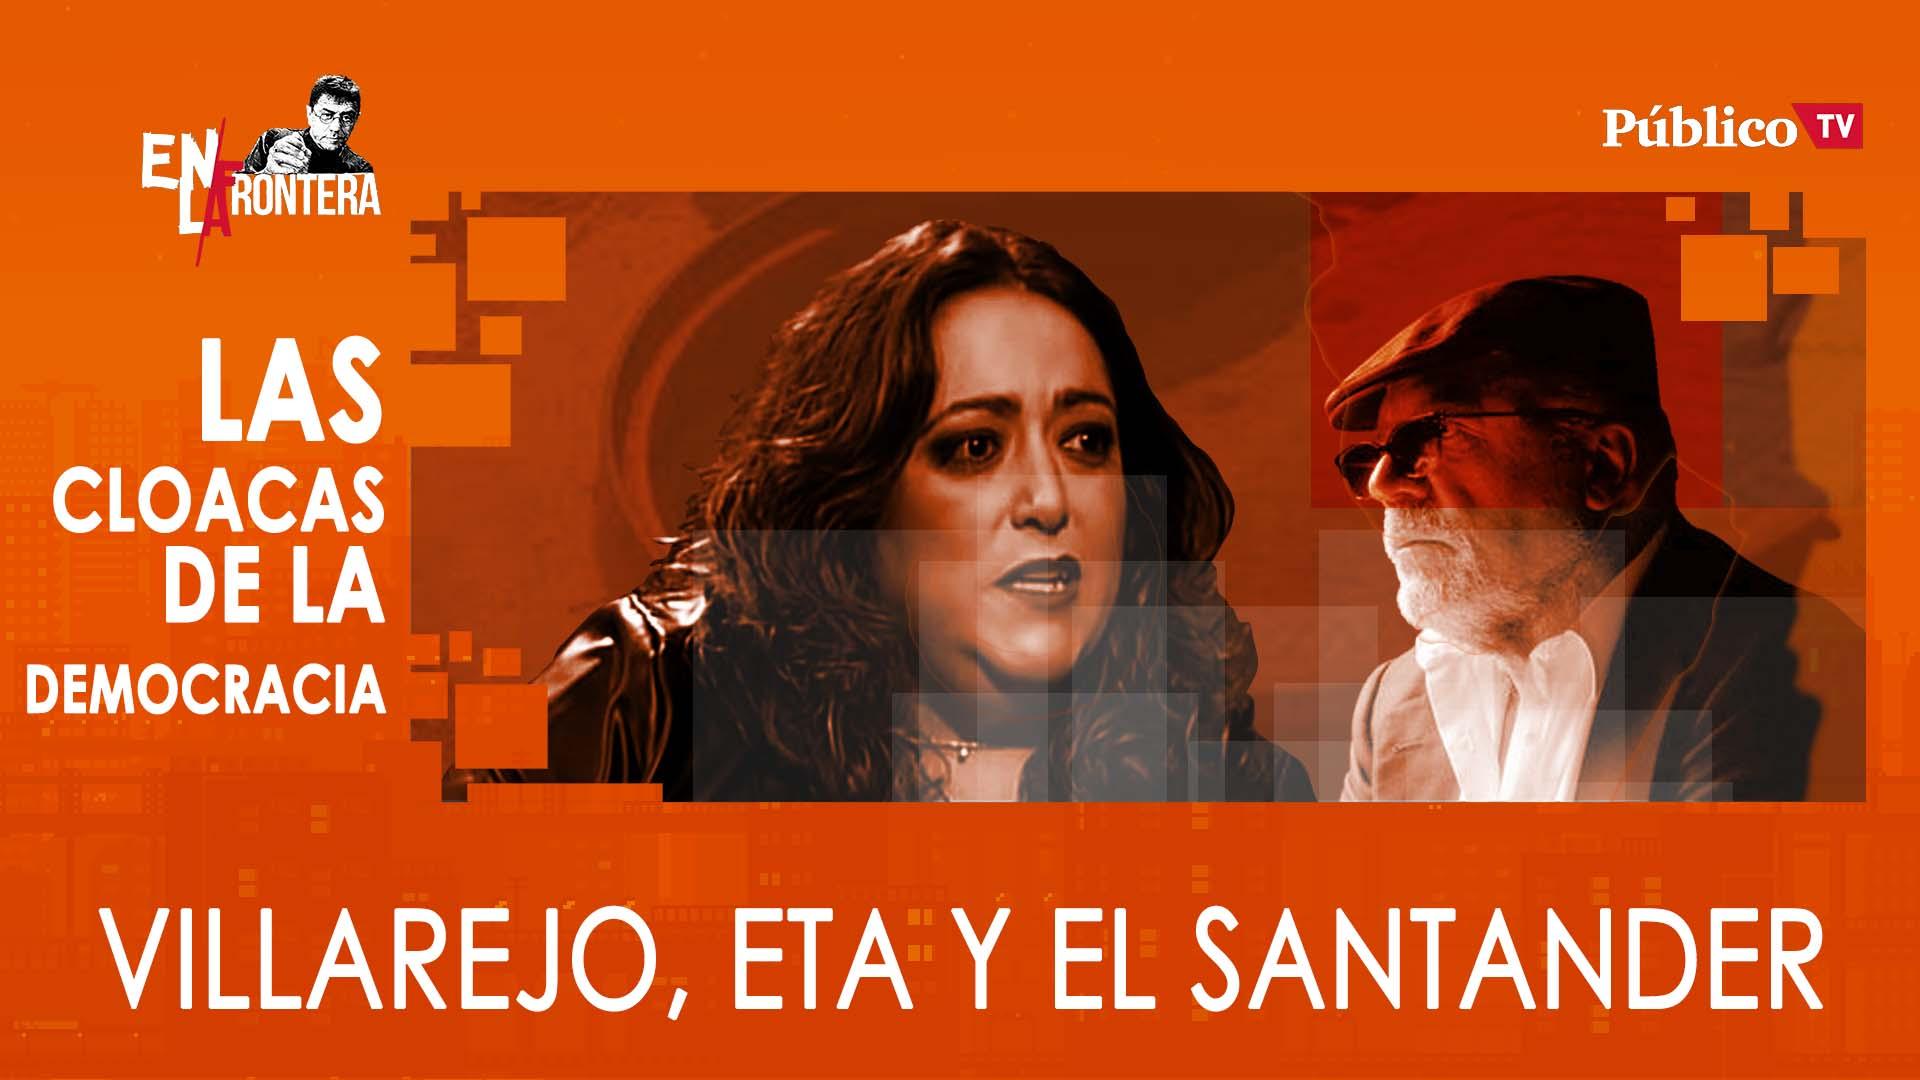 Patricia López: Villarejo, ETA y el Santander – En La Frontera, 23 de Enero de 2020